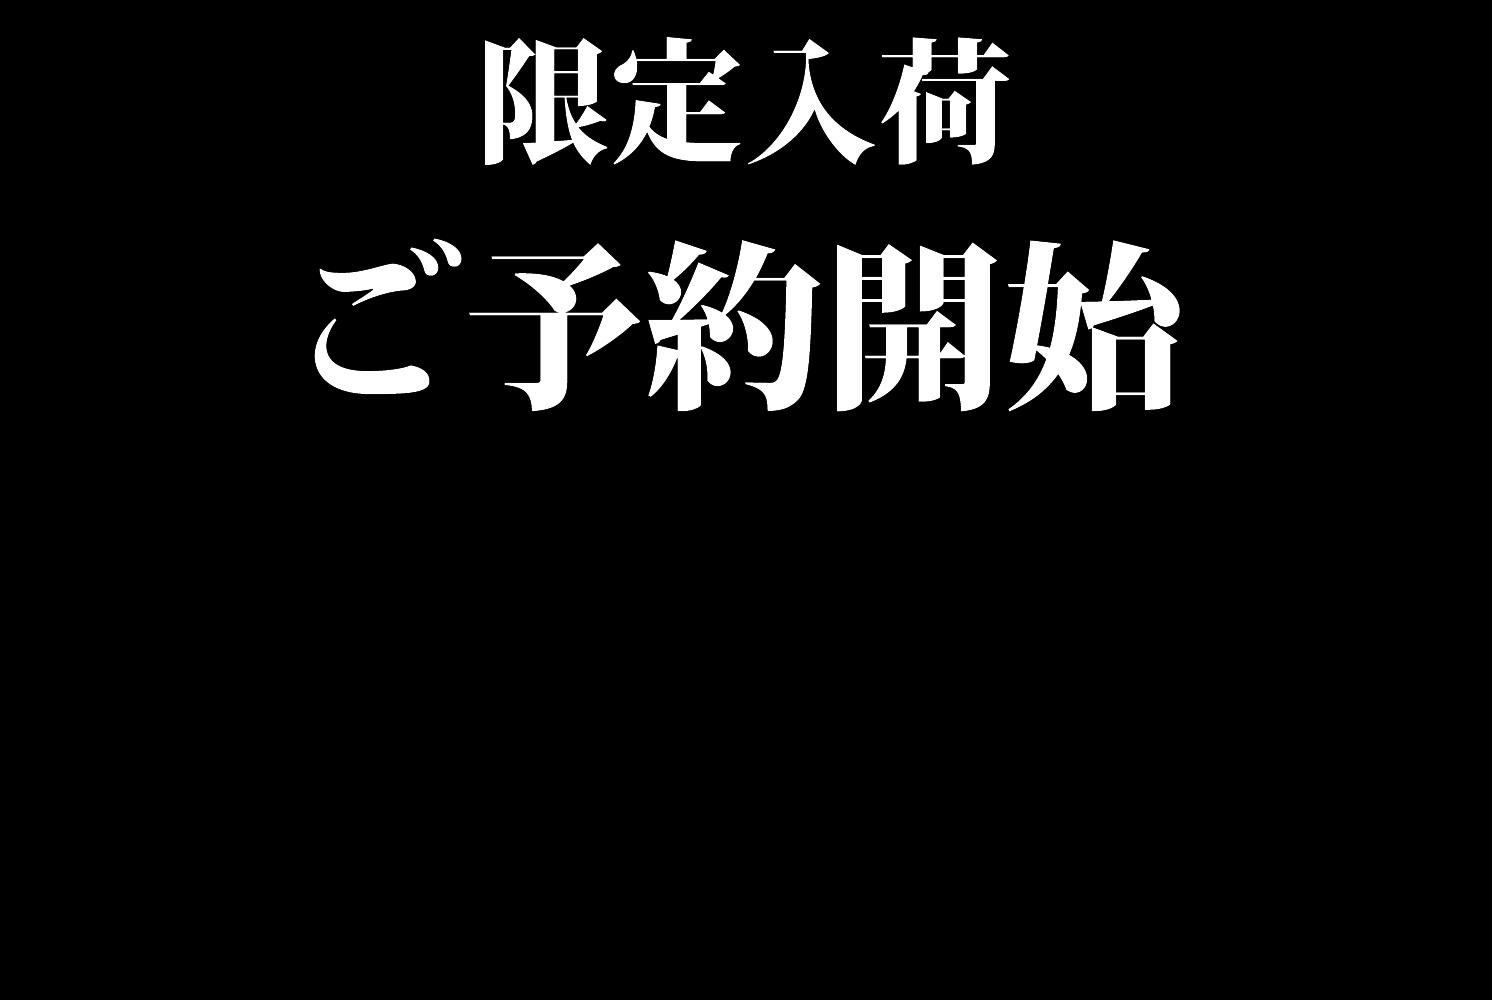 【日本初上陸・限定販売】ハイエース用ドアガラス・大型トラック用 『SOLAR IMPACT』ご予約受付開始!